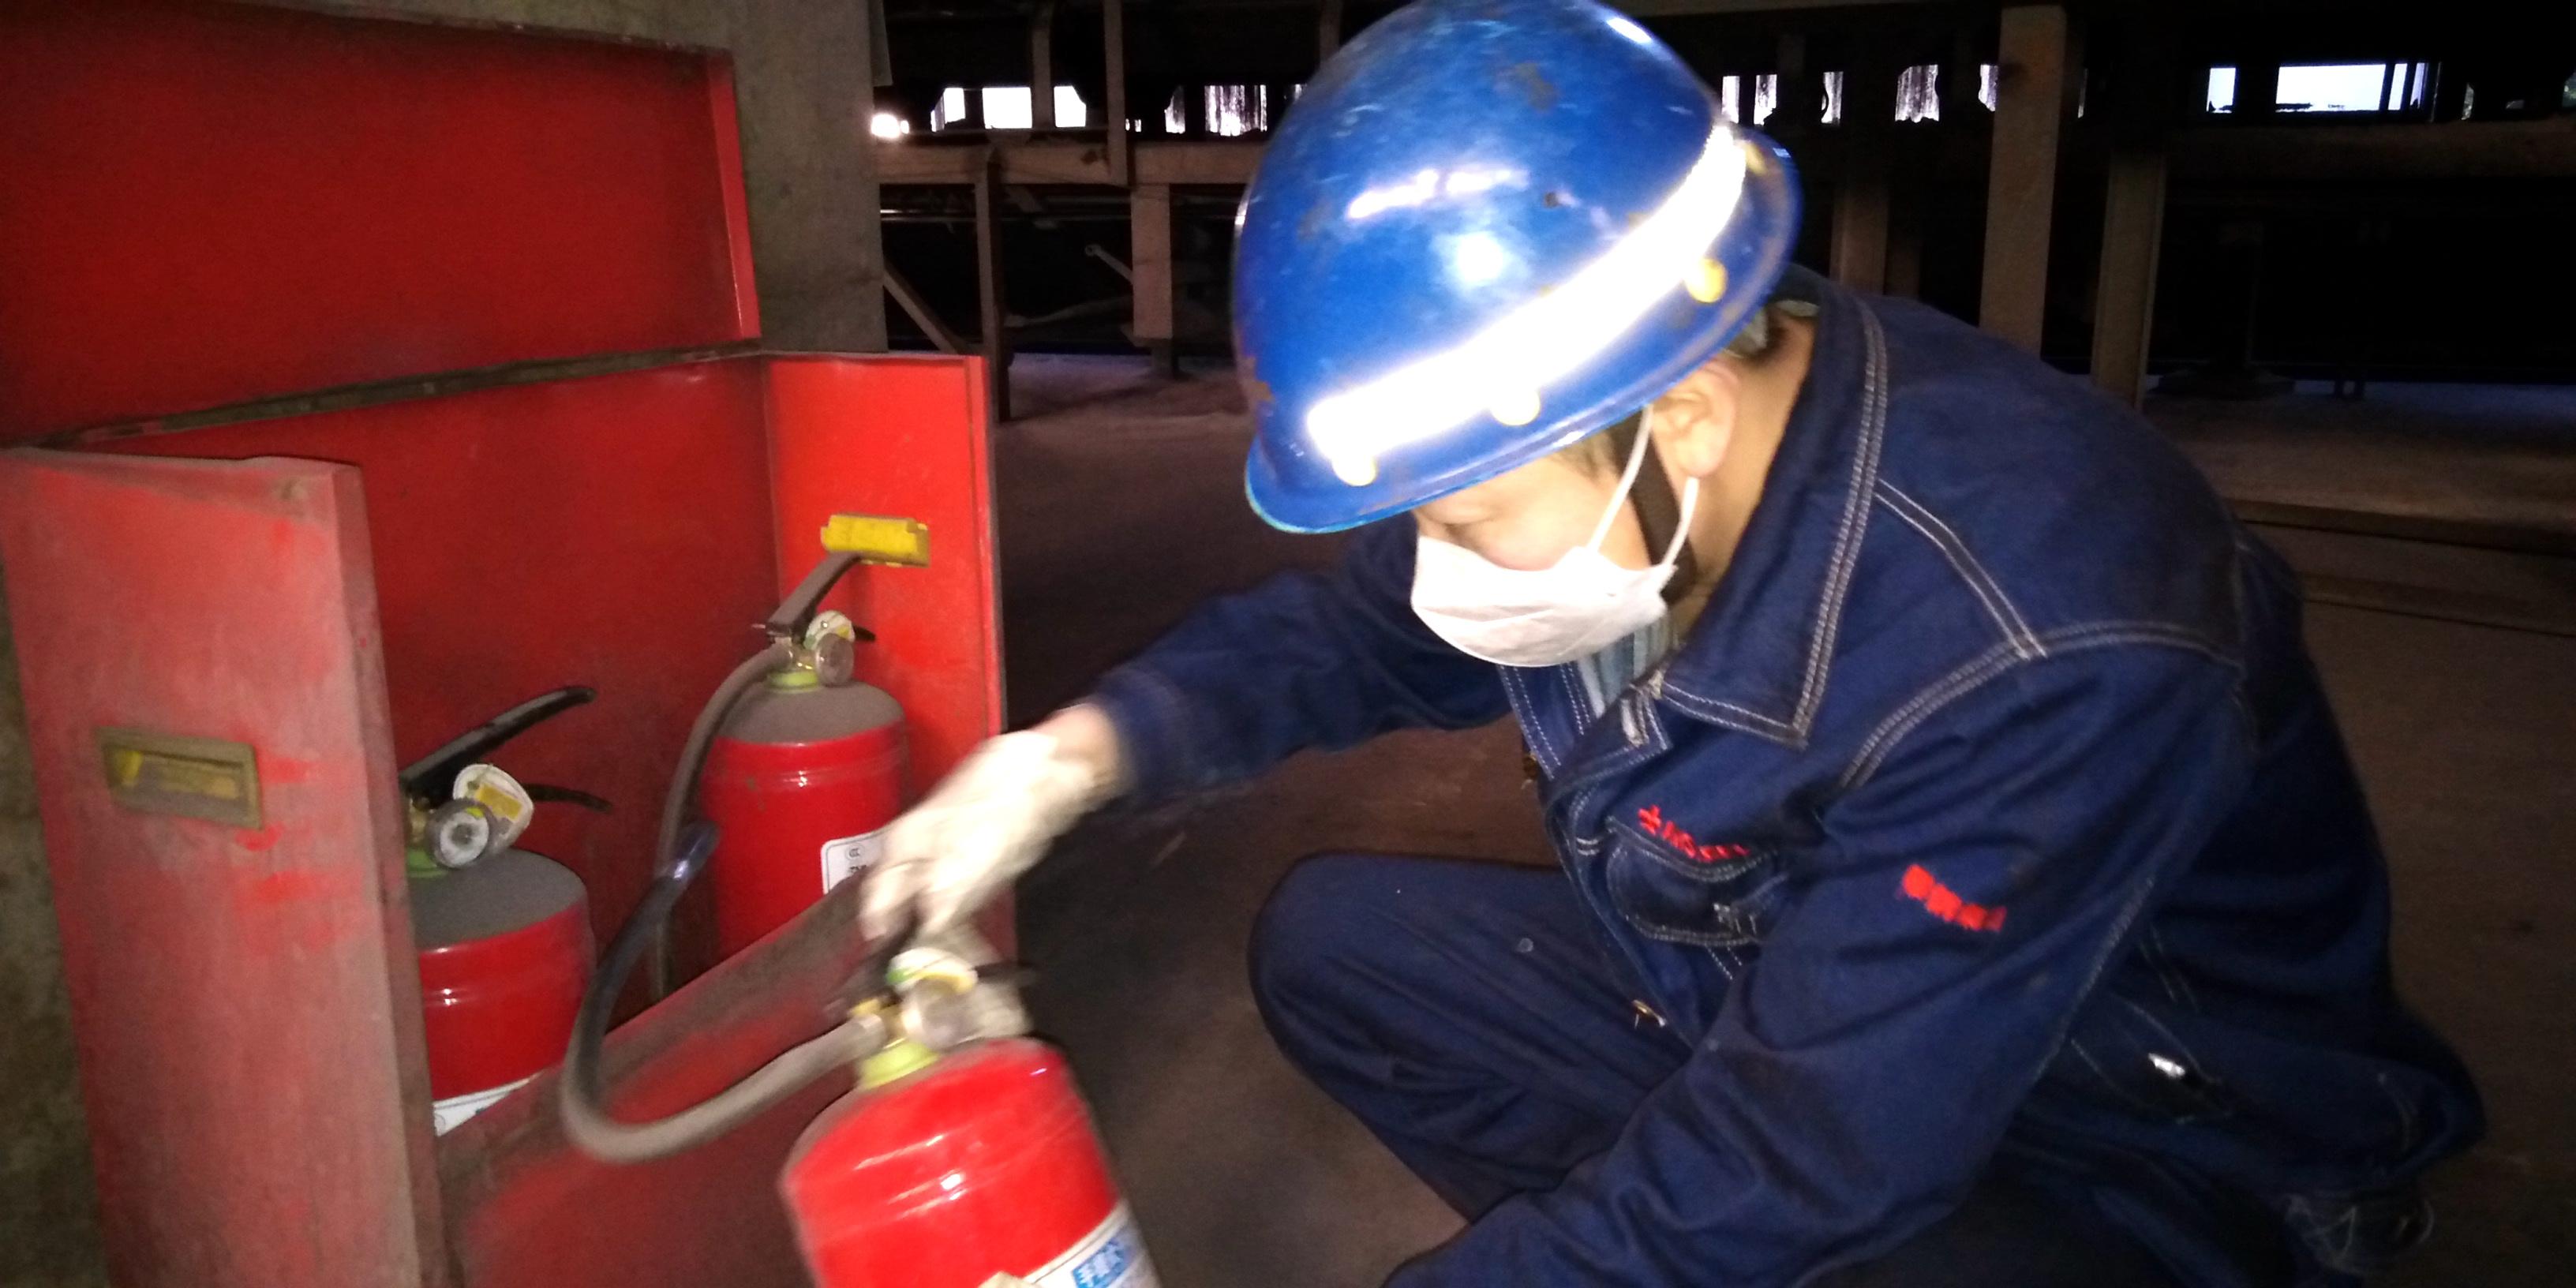 该作业区安全员正在现场检查消防器材,何勇,摄。